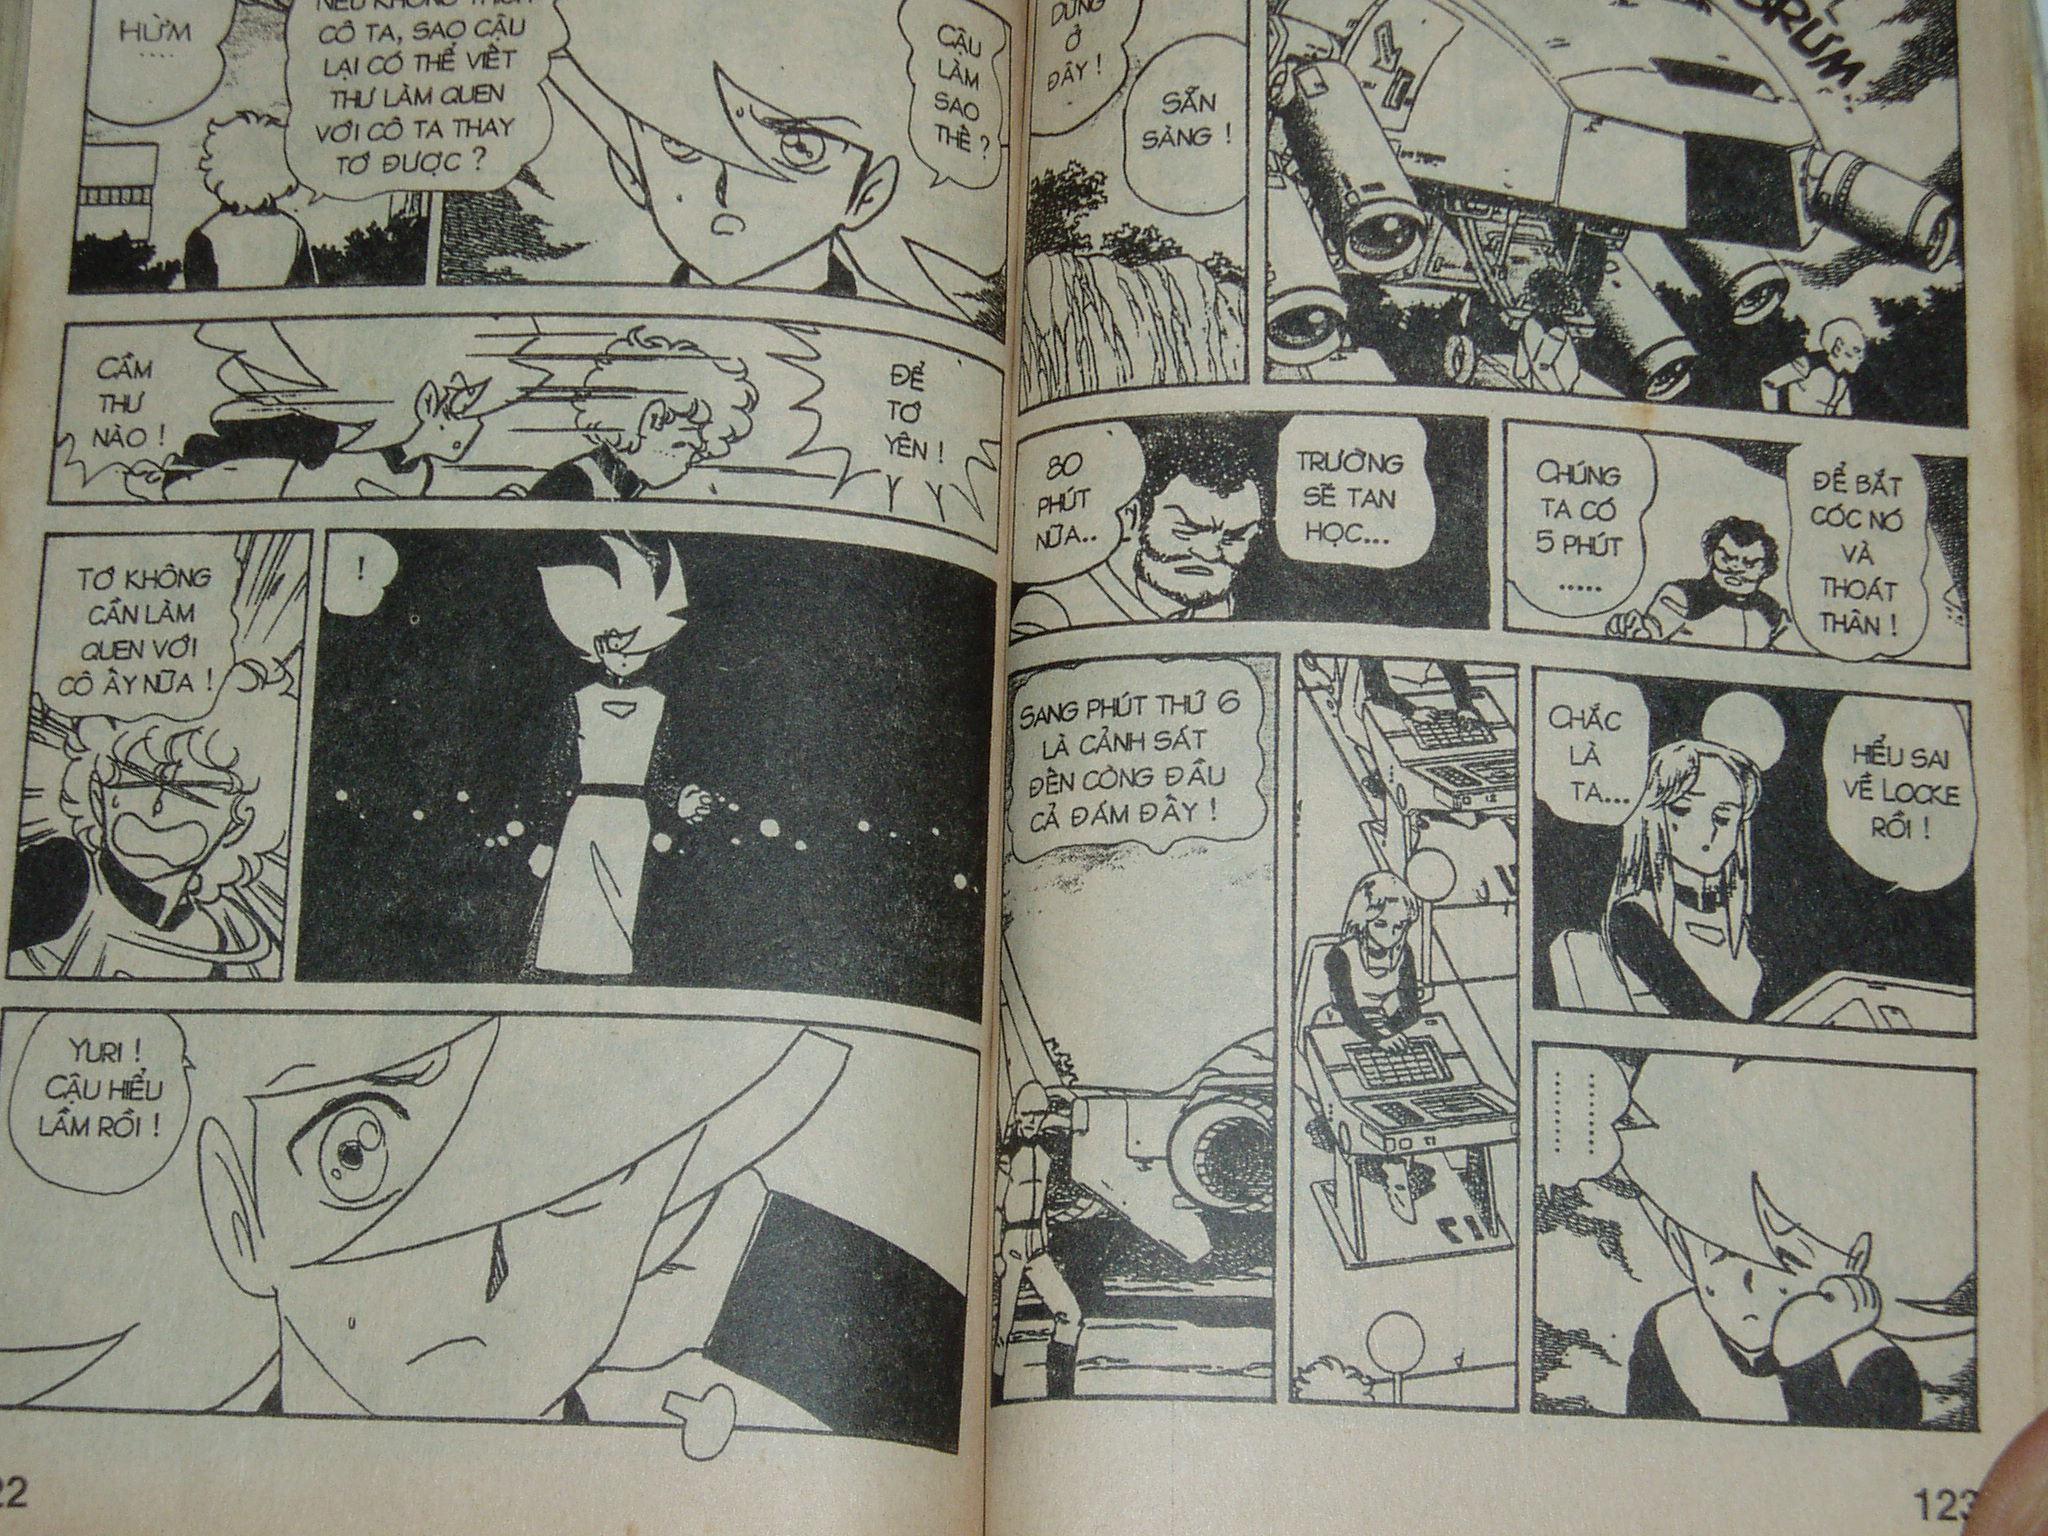 Siêu nhân Locke vol 18 trang 60